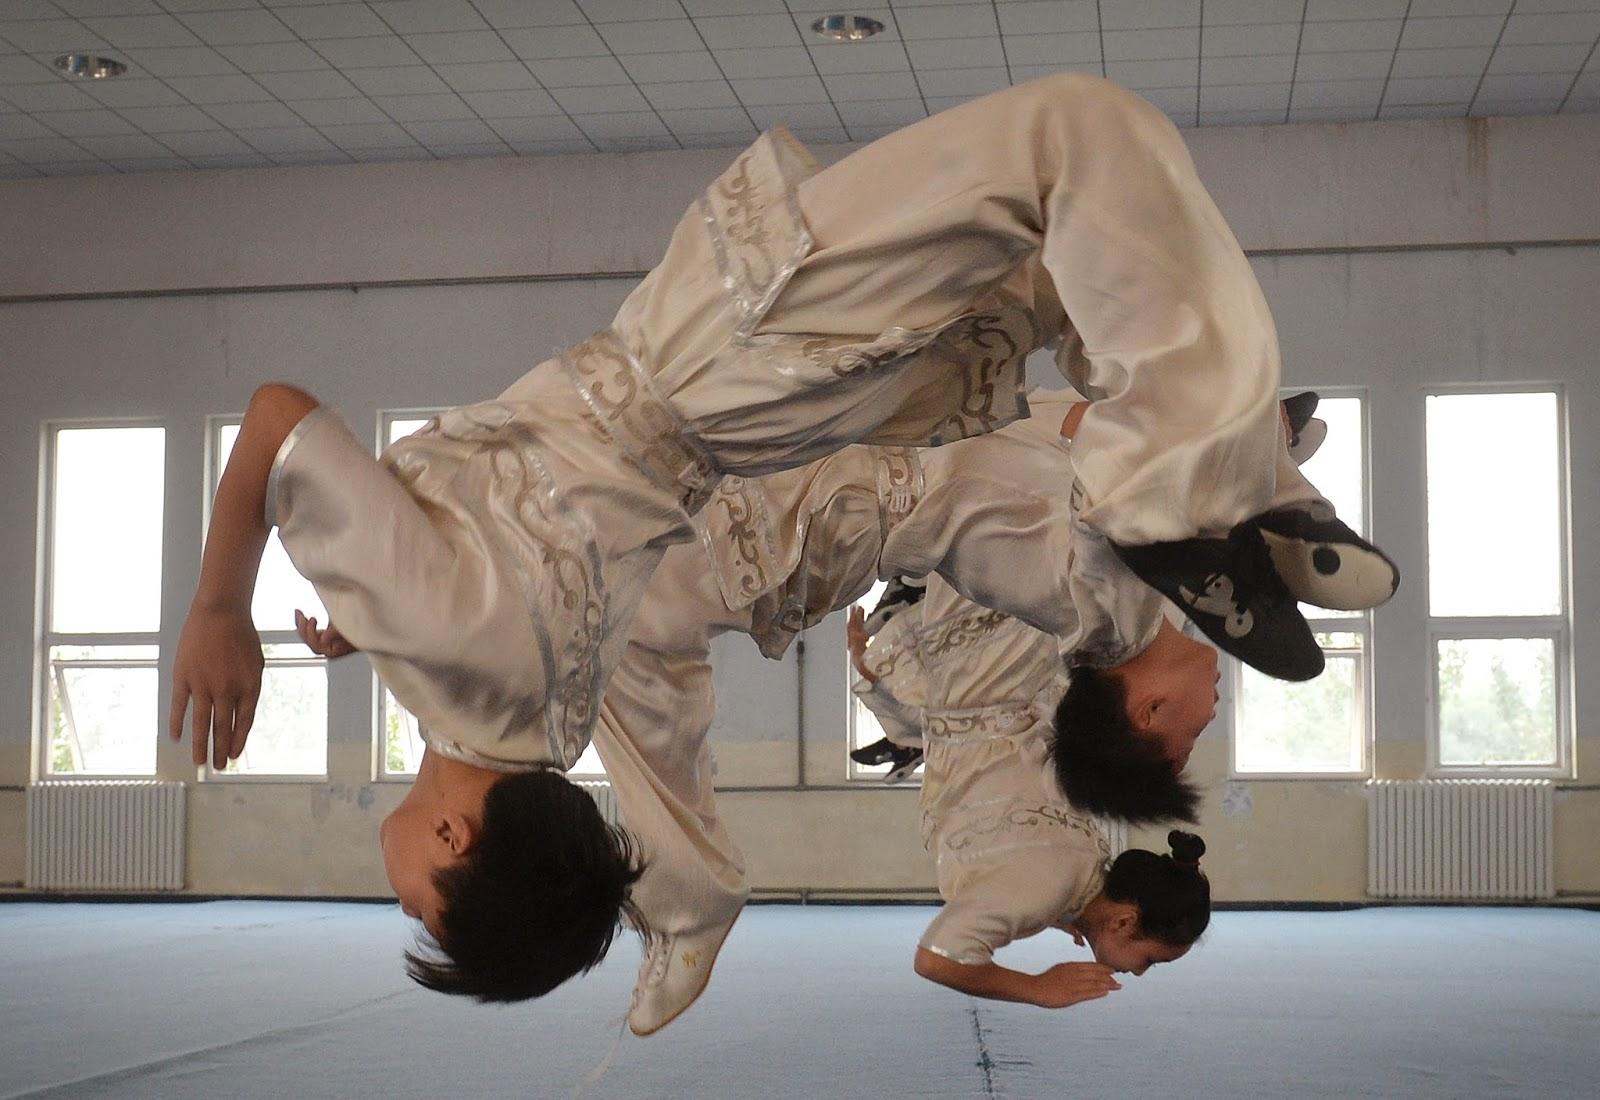 China, Competitions, Martial Arts, School, Sports, Tianjin, Wushu training,